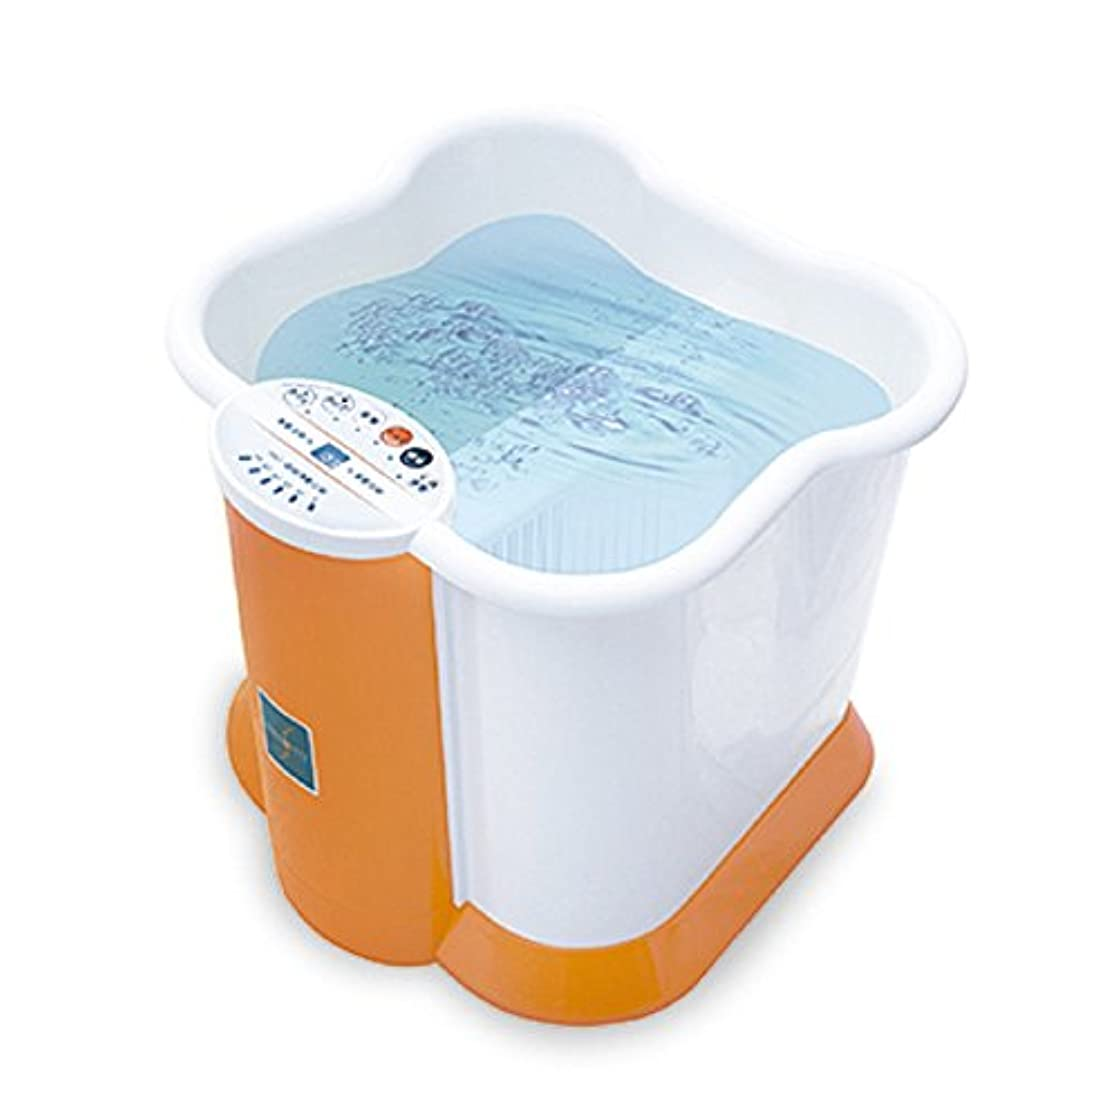 処方するアレルギー性子供達深型 足湯 フットバス Ashiyu foot Spa KS-N1010 保温 バブル